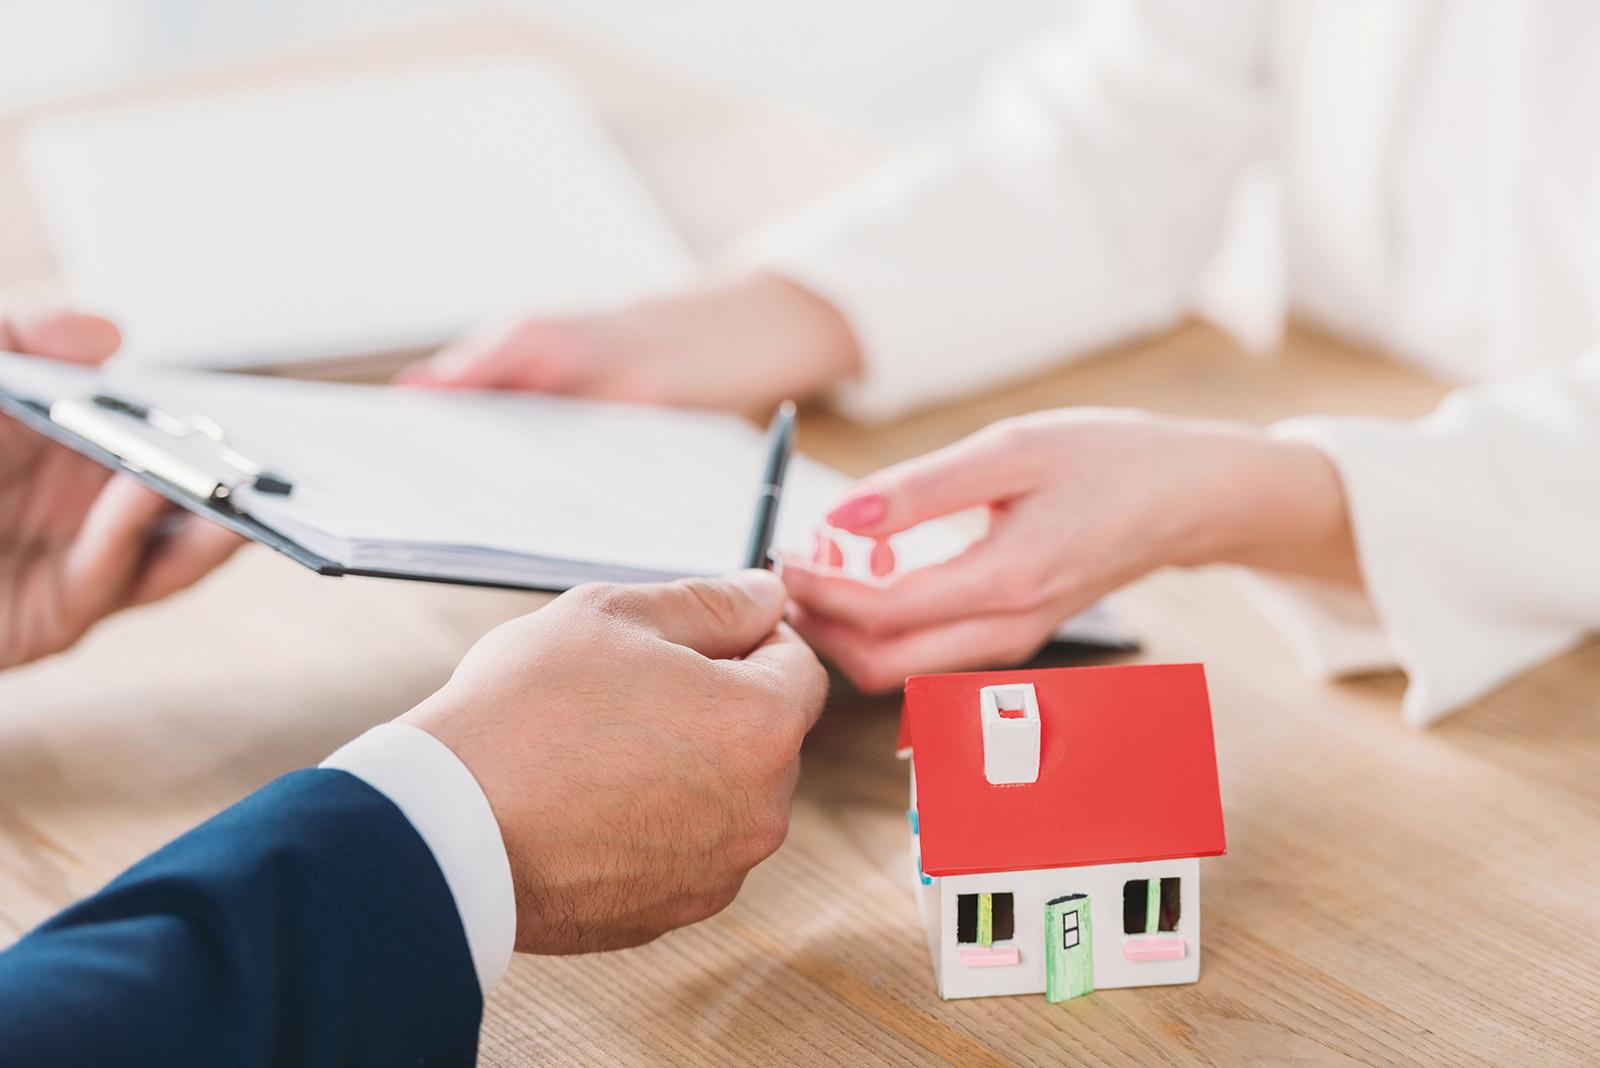 Le rôle du courtier en crédit immobilier est de prendre la place du client pour faire toutes les démarches à sa place, grâce à un mandat donné l'acheteur. Ce dernier peut recevoir une commission de la banque, ou toucher rémunération et des honoraires versées par l'emprunteur.